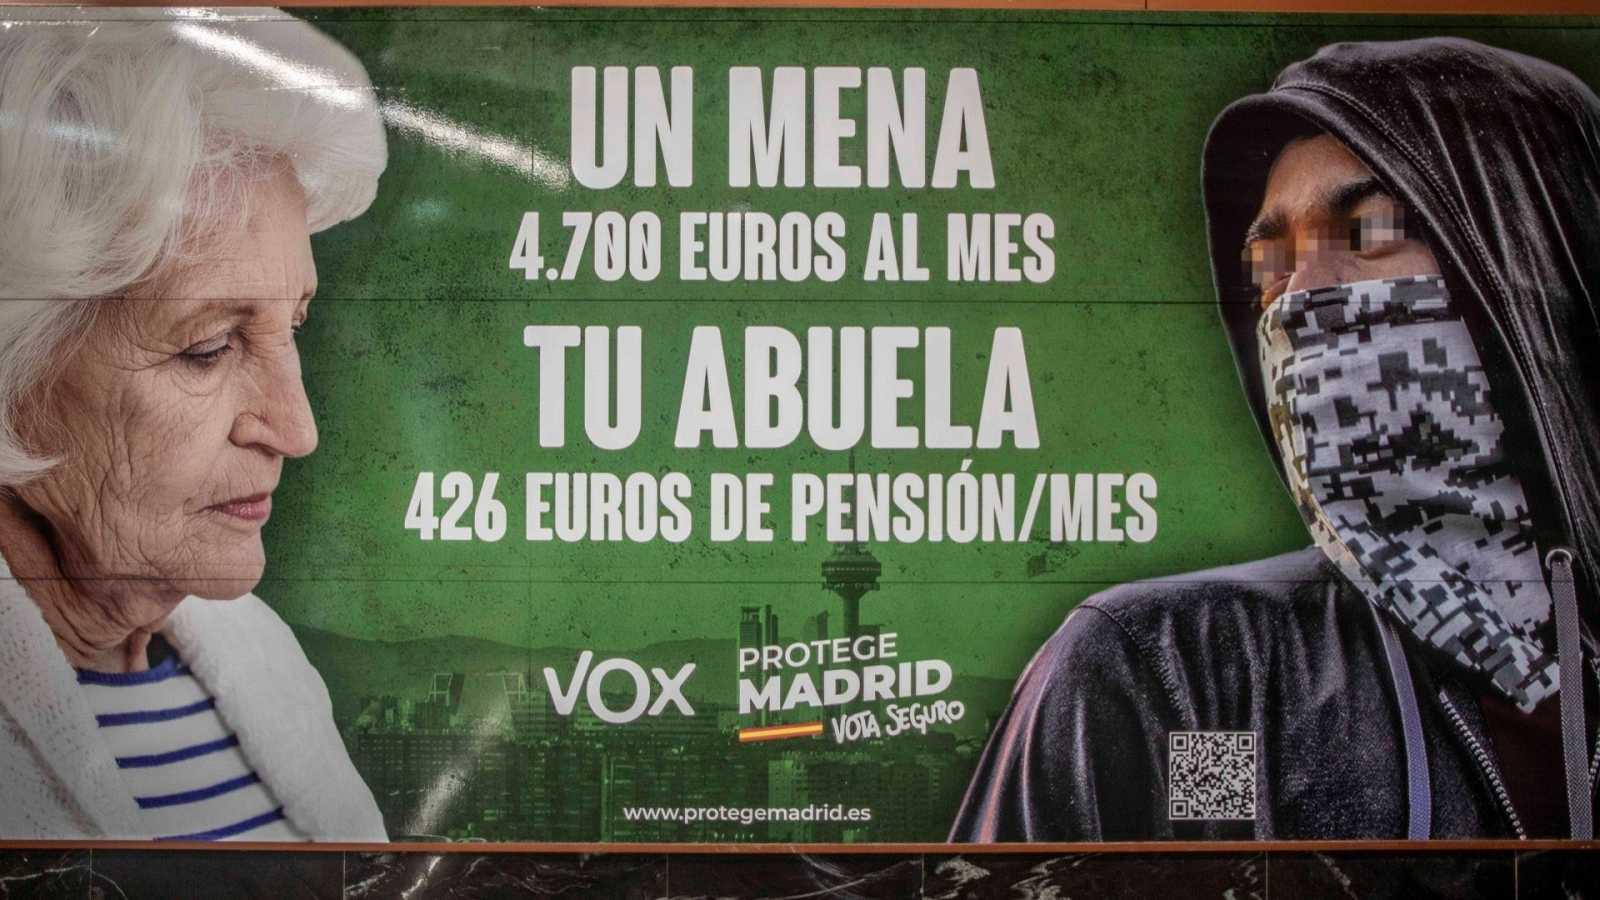 Cartel de Vox sobre los menores migrantes